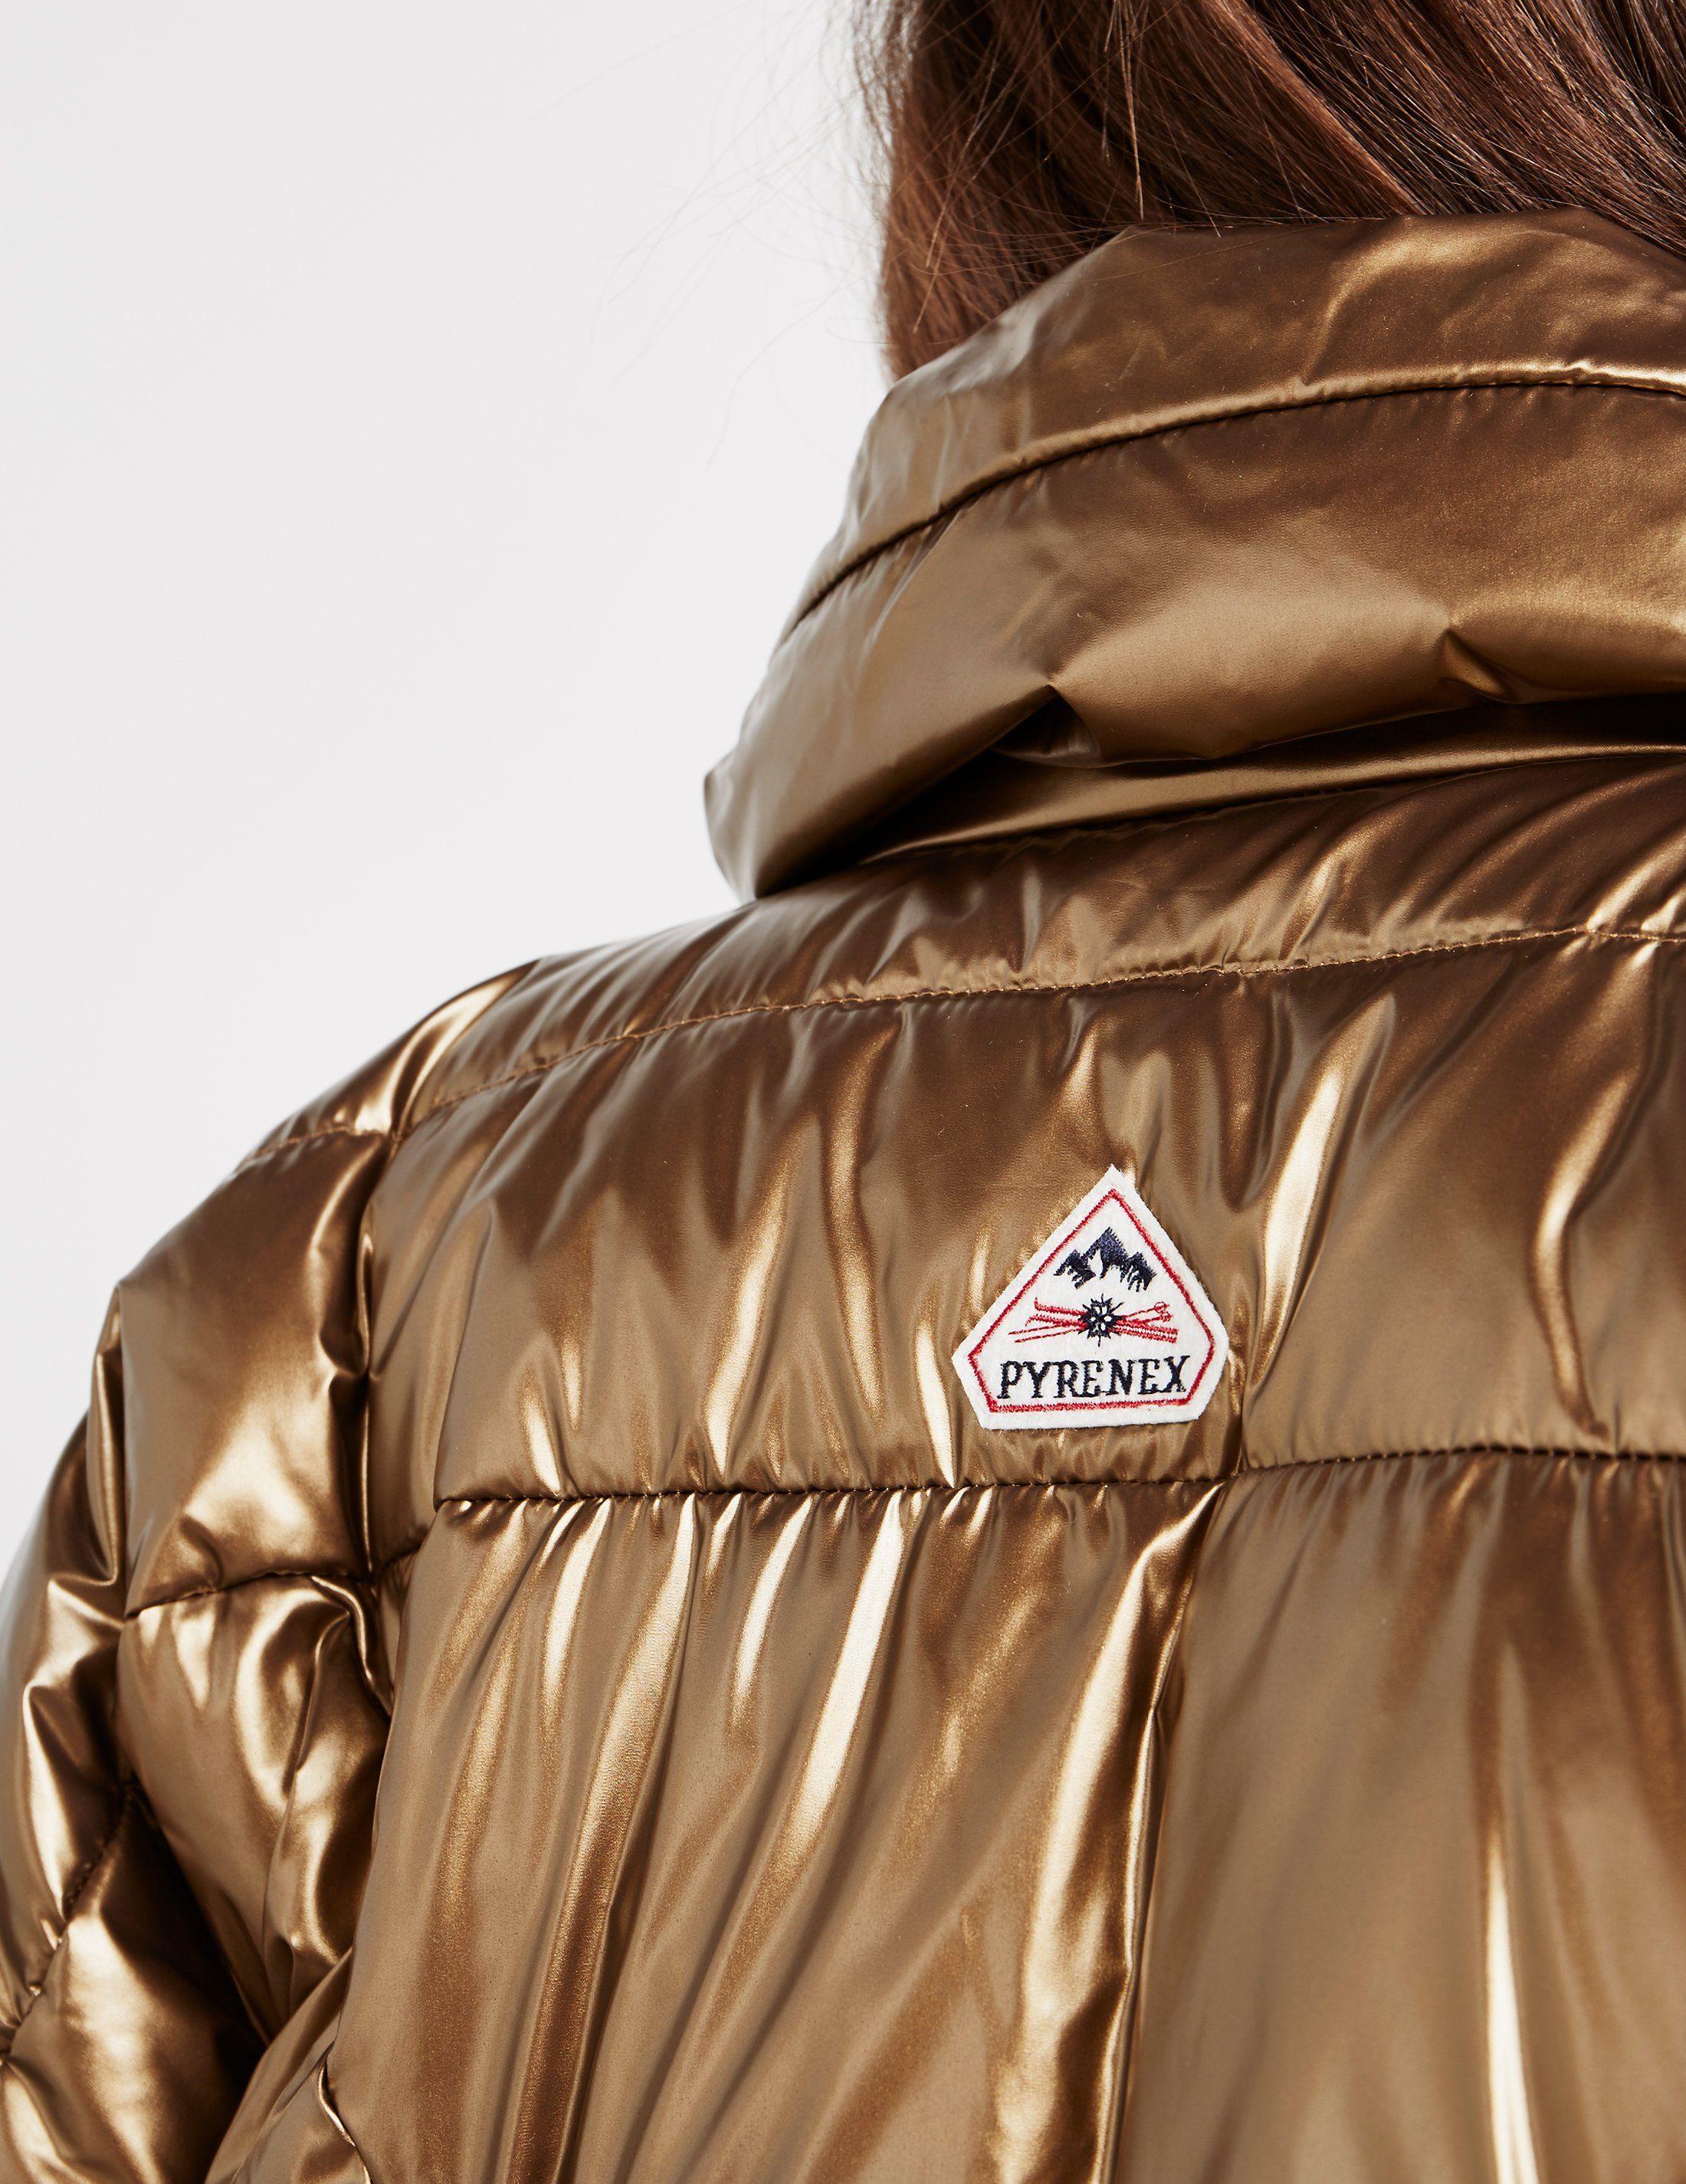 Pyrenex Willow Metallic Jacket - Online Exclusive